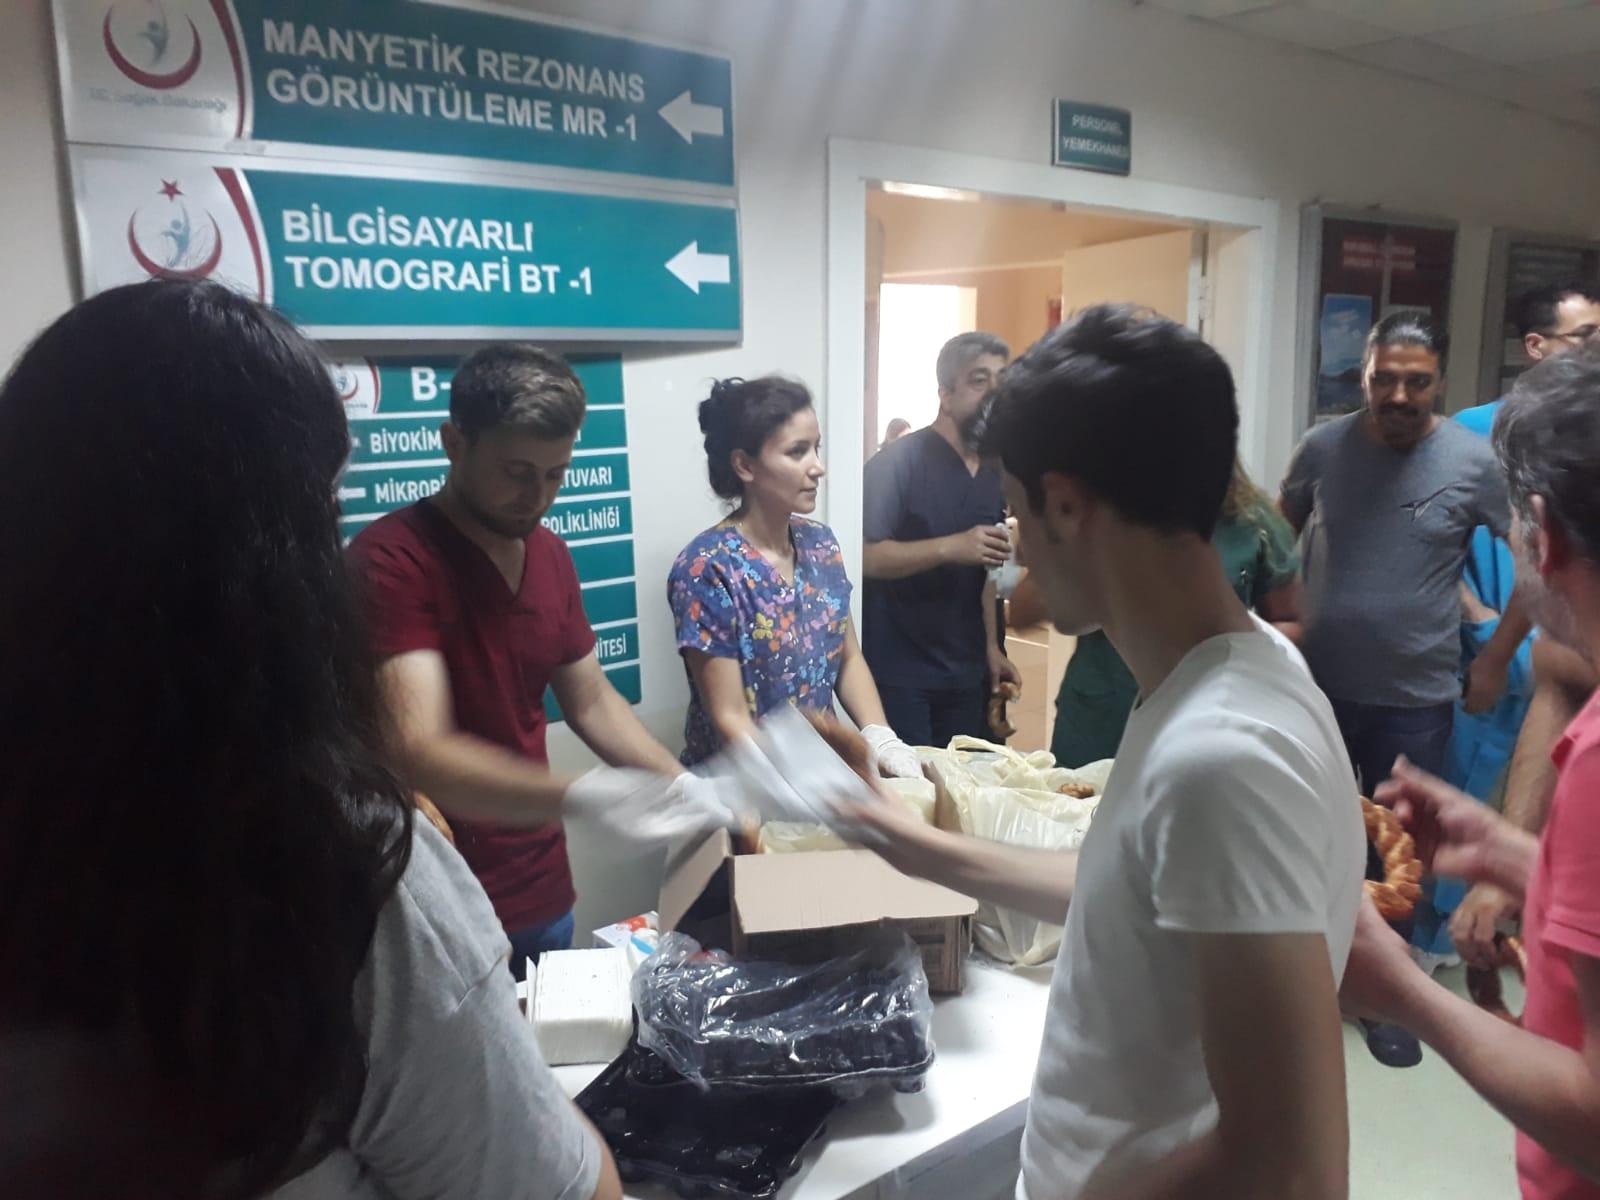 Şişli Etfal Hastanesi'nde Yemekhane Boykotu